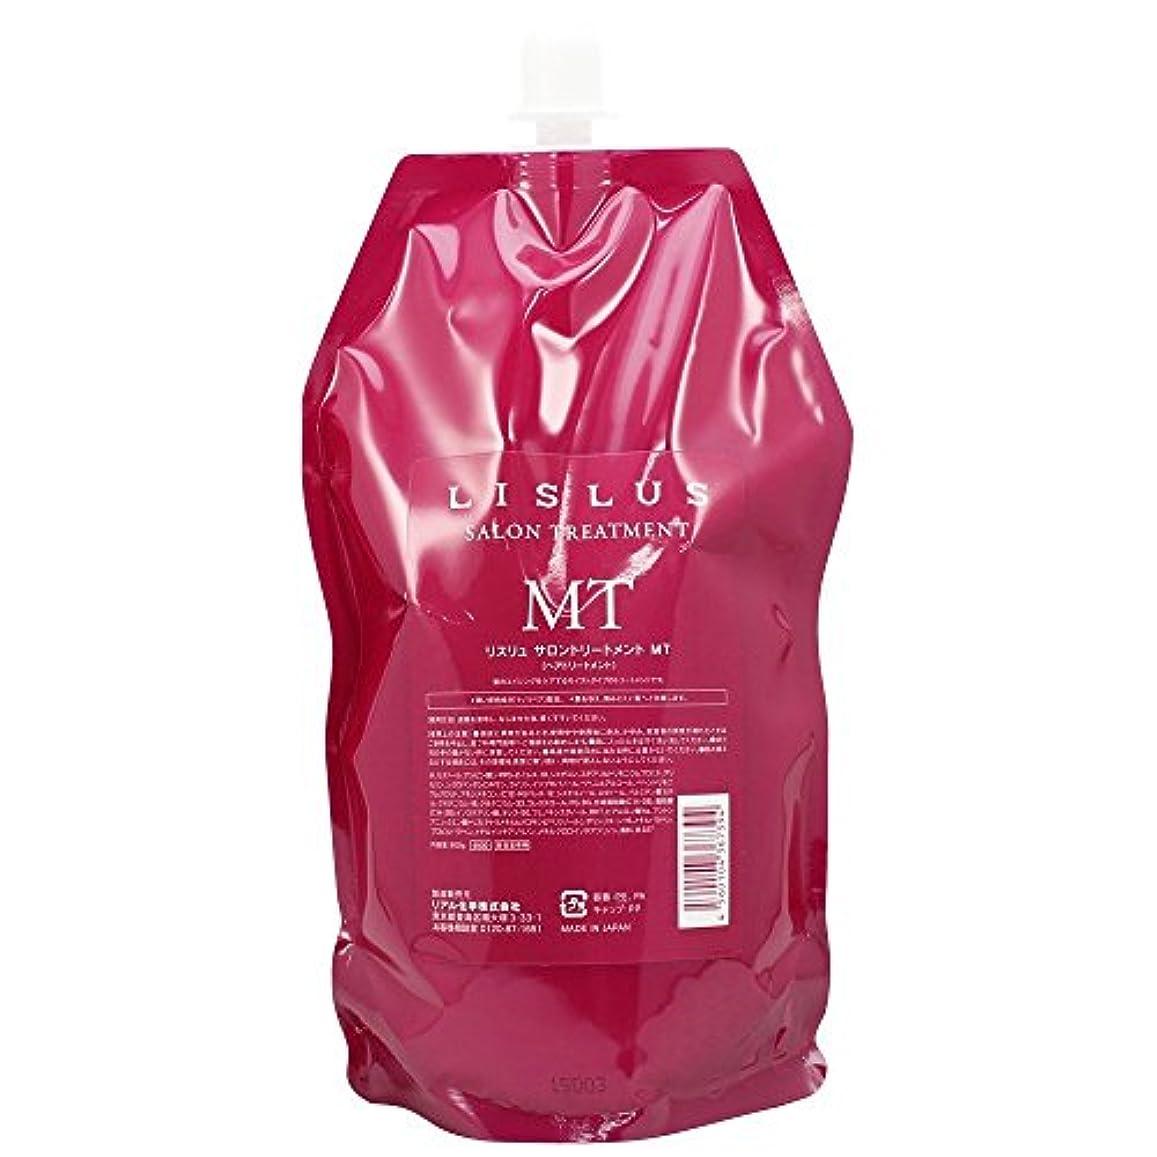 アーサーコナンドイル根絶する凍結リアル化学 リスリュ サロントリートメント MT レフィル 900g